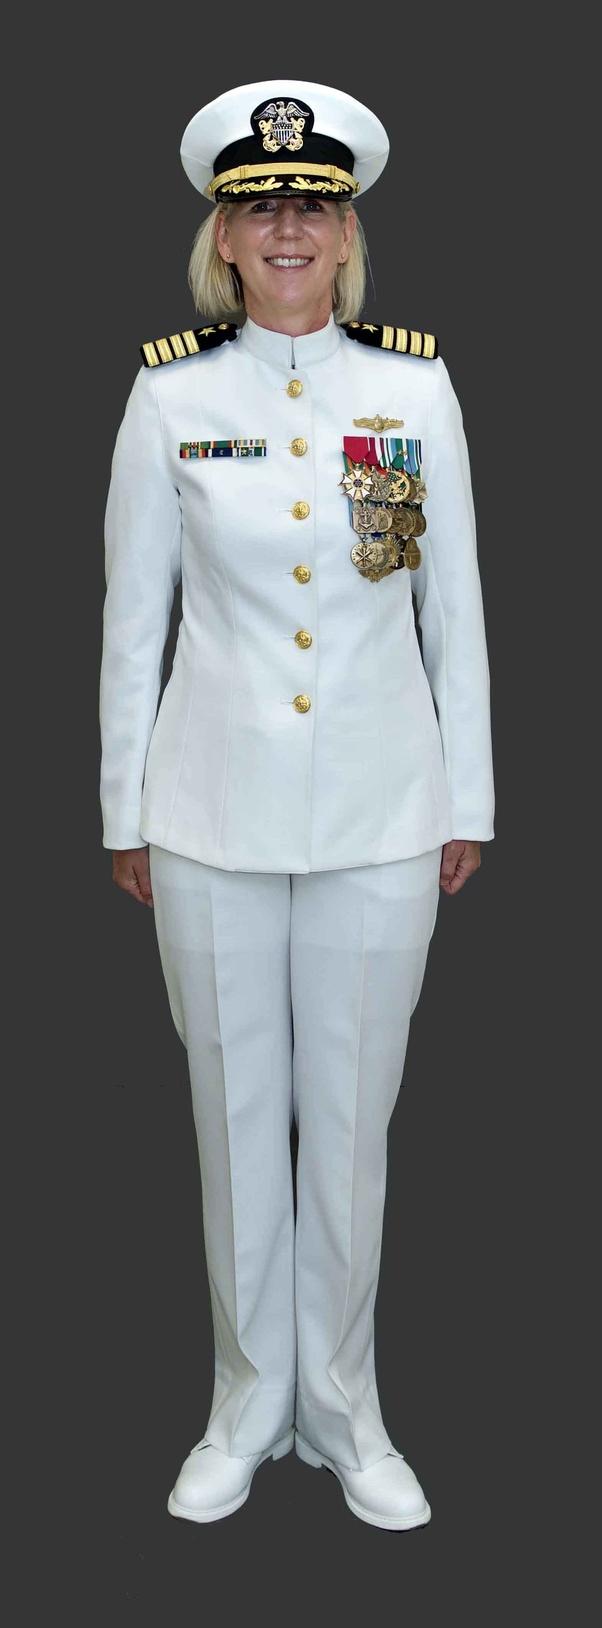 wear on their full dress uniform